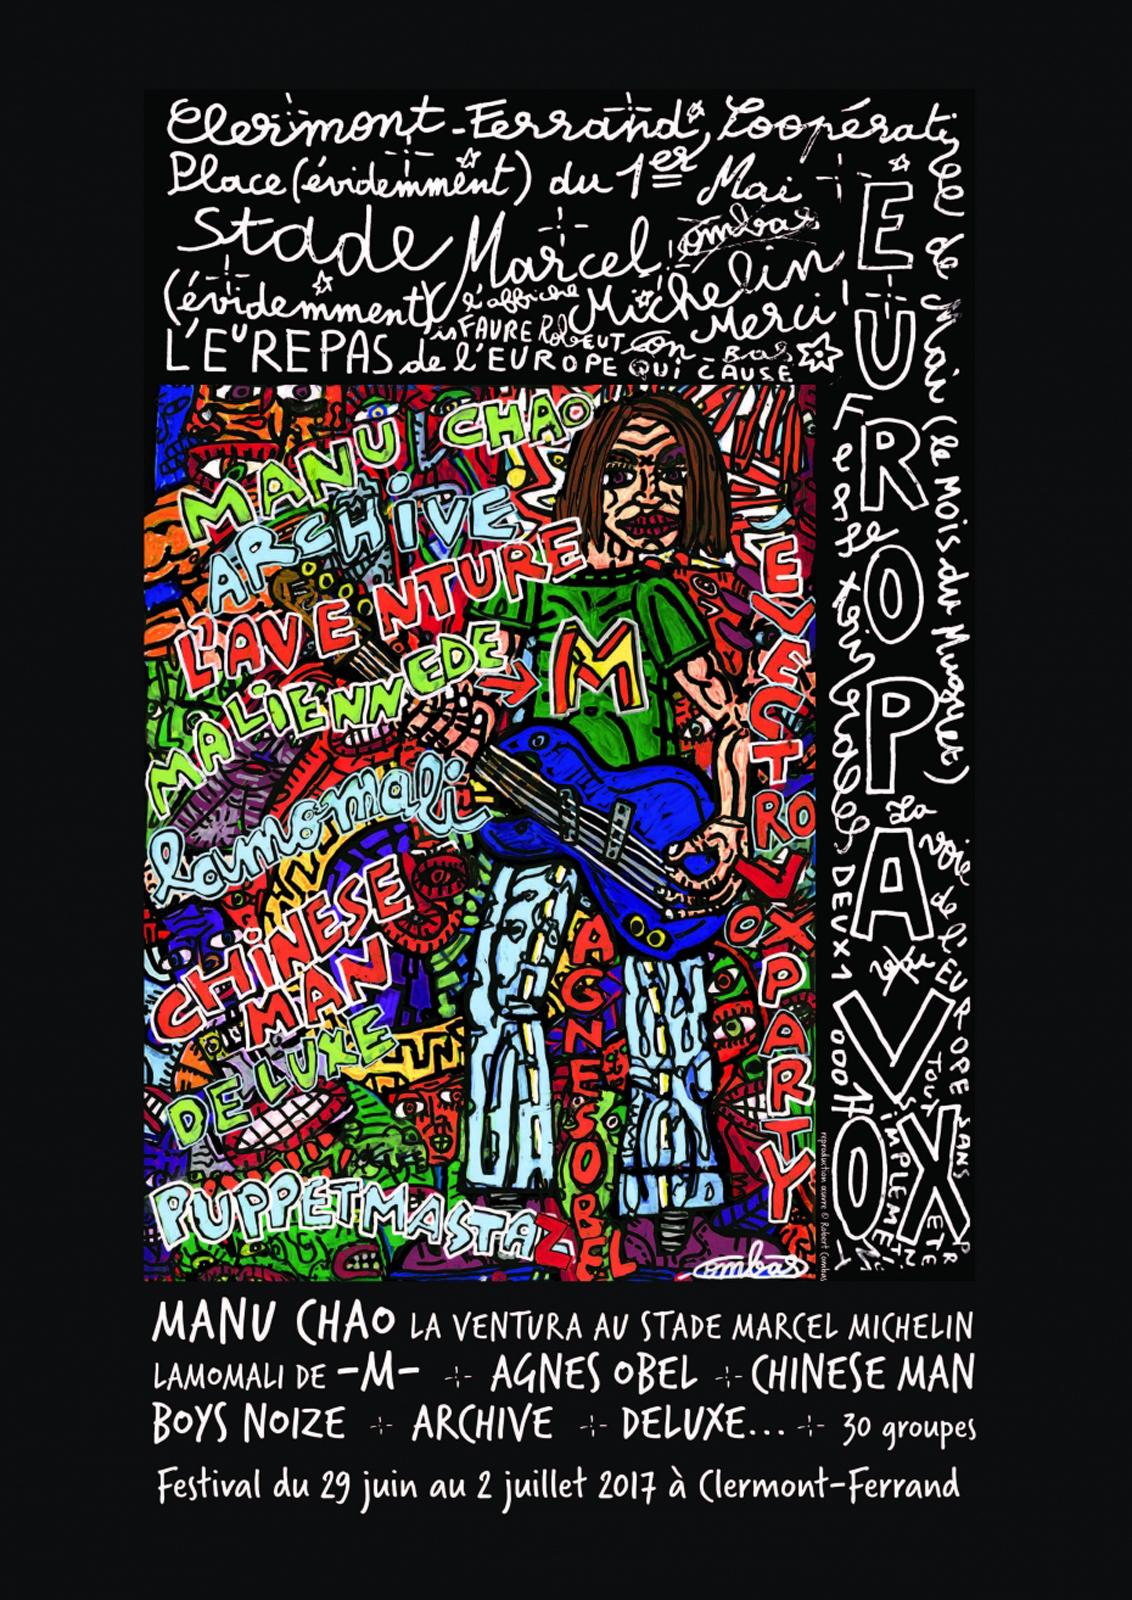 la superbe affiche du festival réalisé par Robert Combas, figure majeur de l'art contemporain français